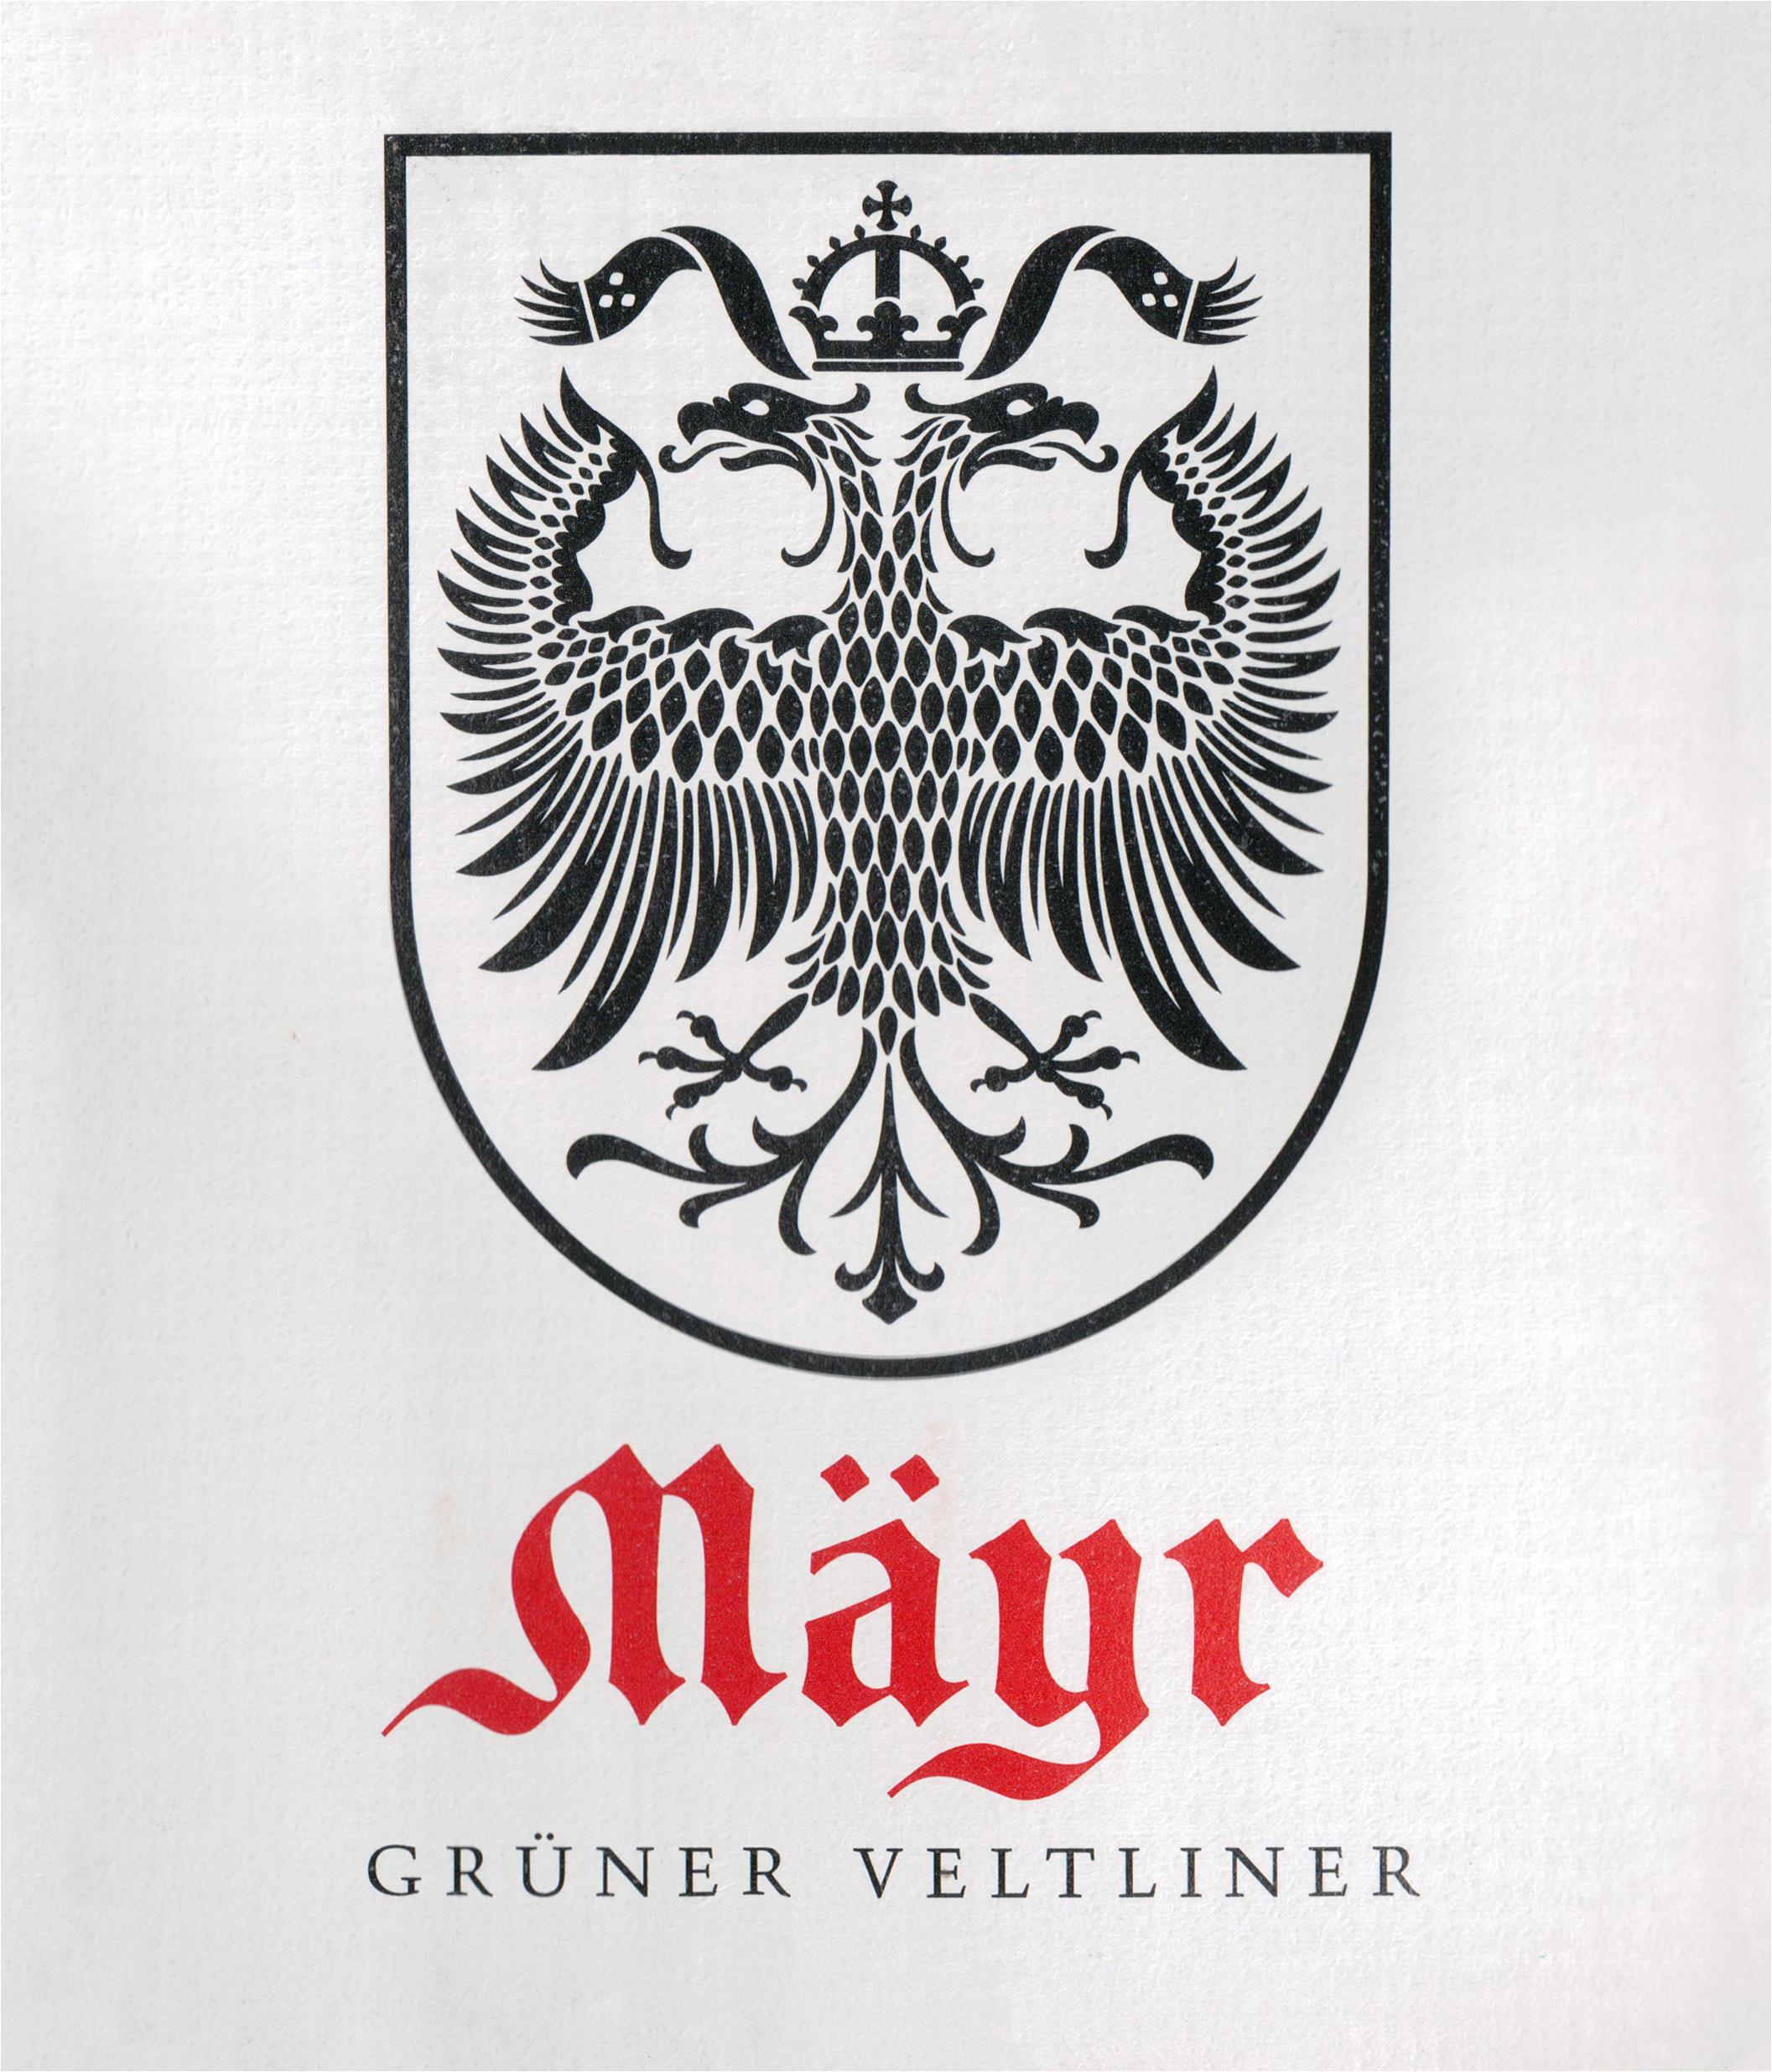 Mayr Gruner Veltliner 2018